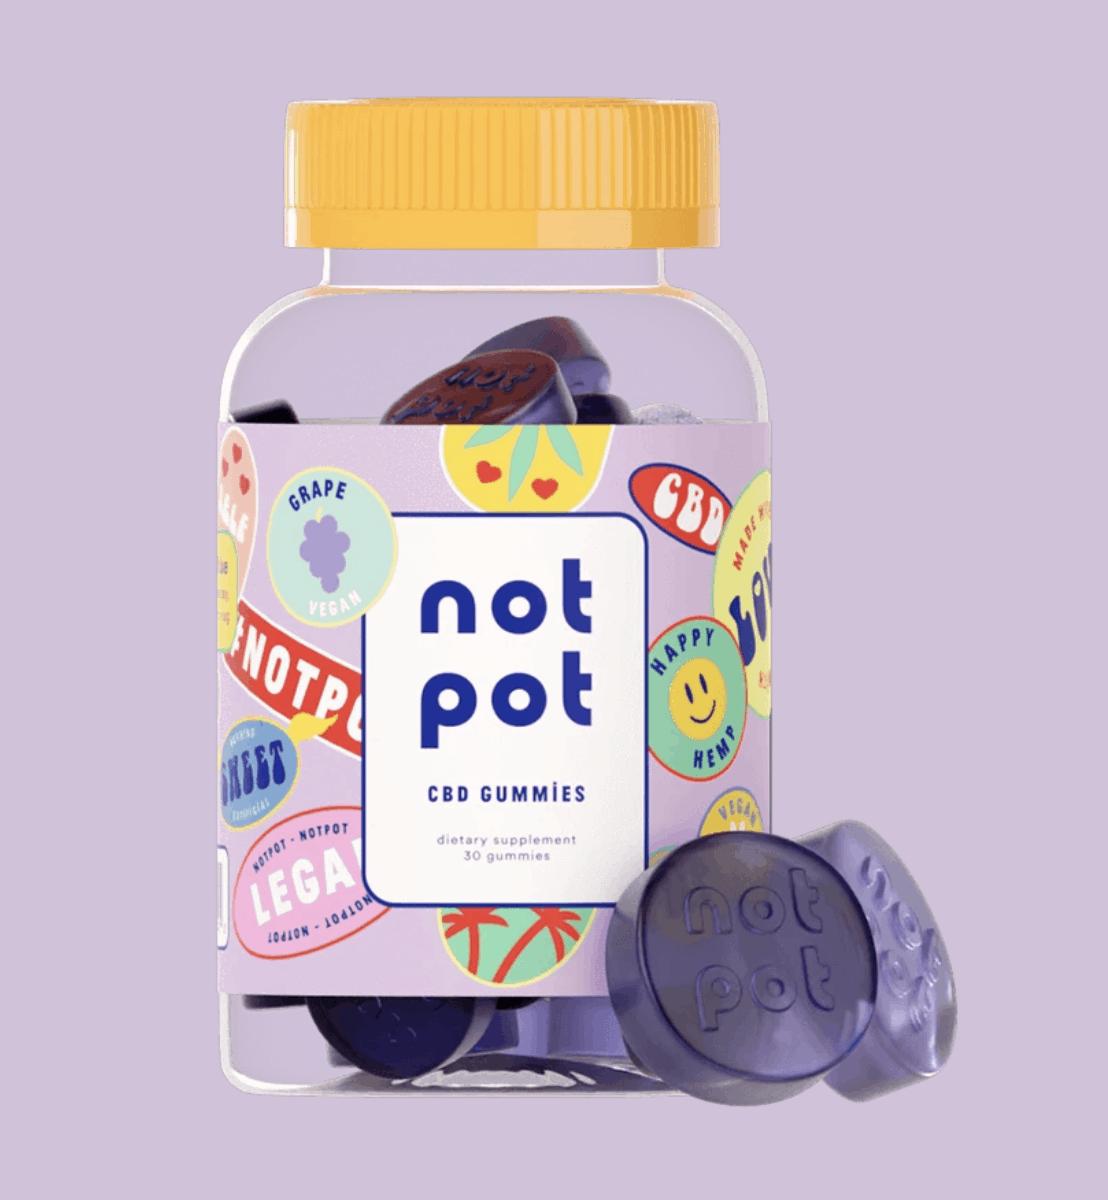 Grape Not Pot CBD Gummies